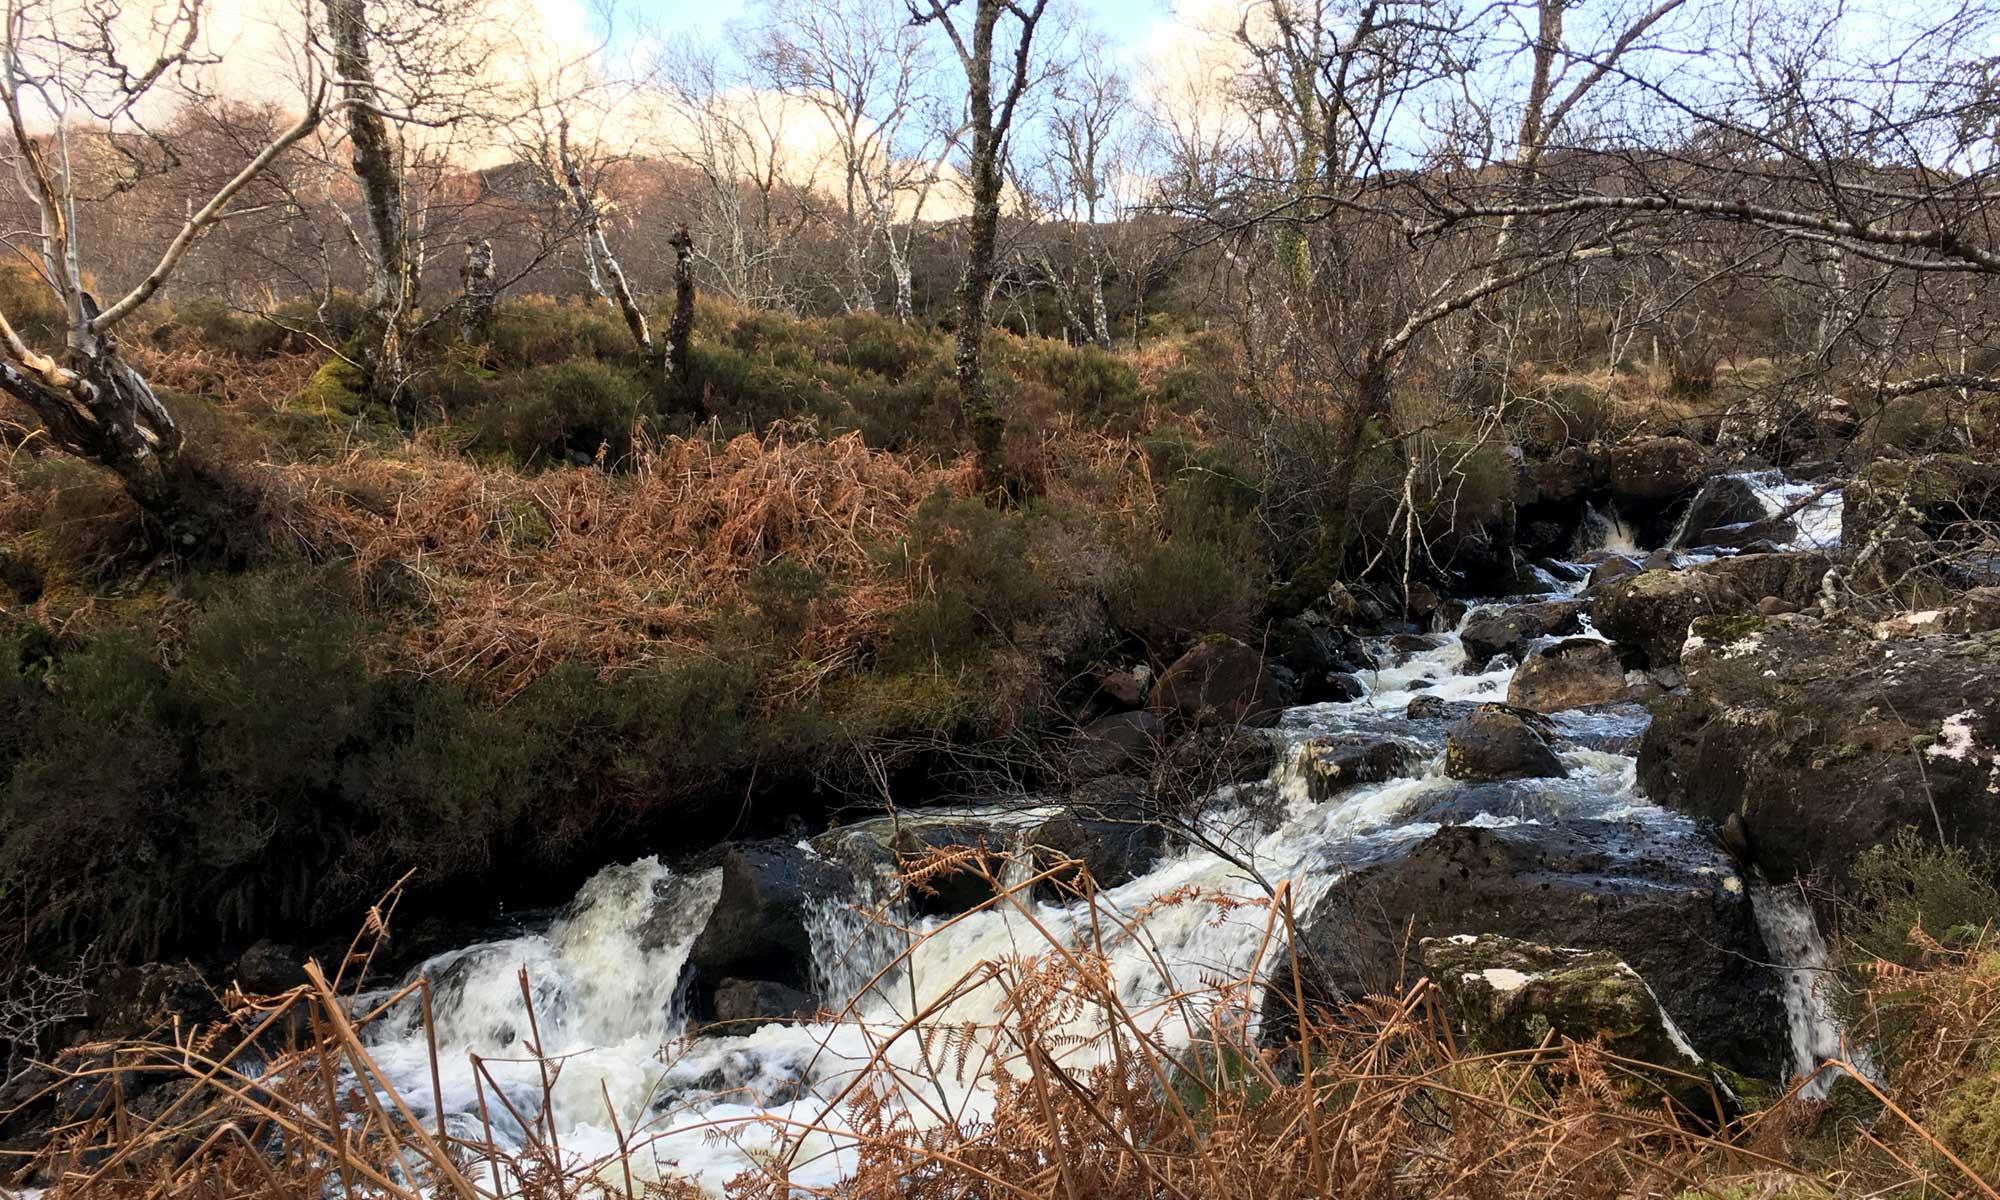 Am Ufer des River Ewe